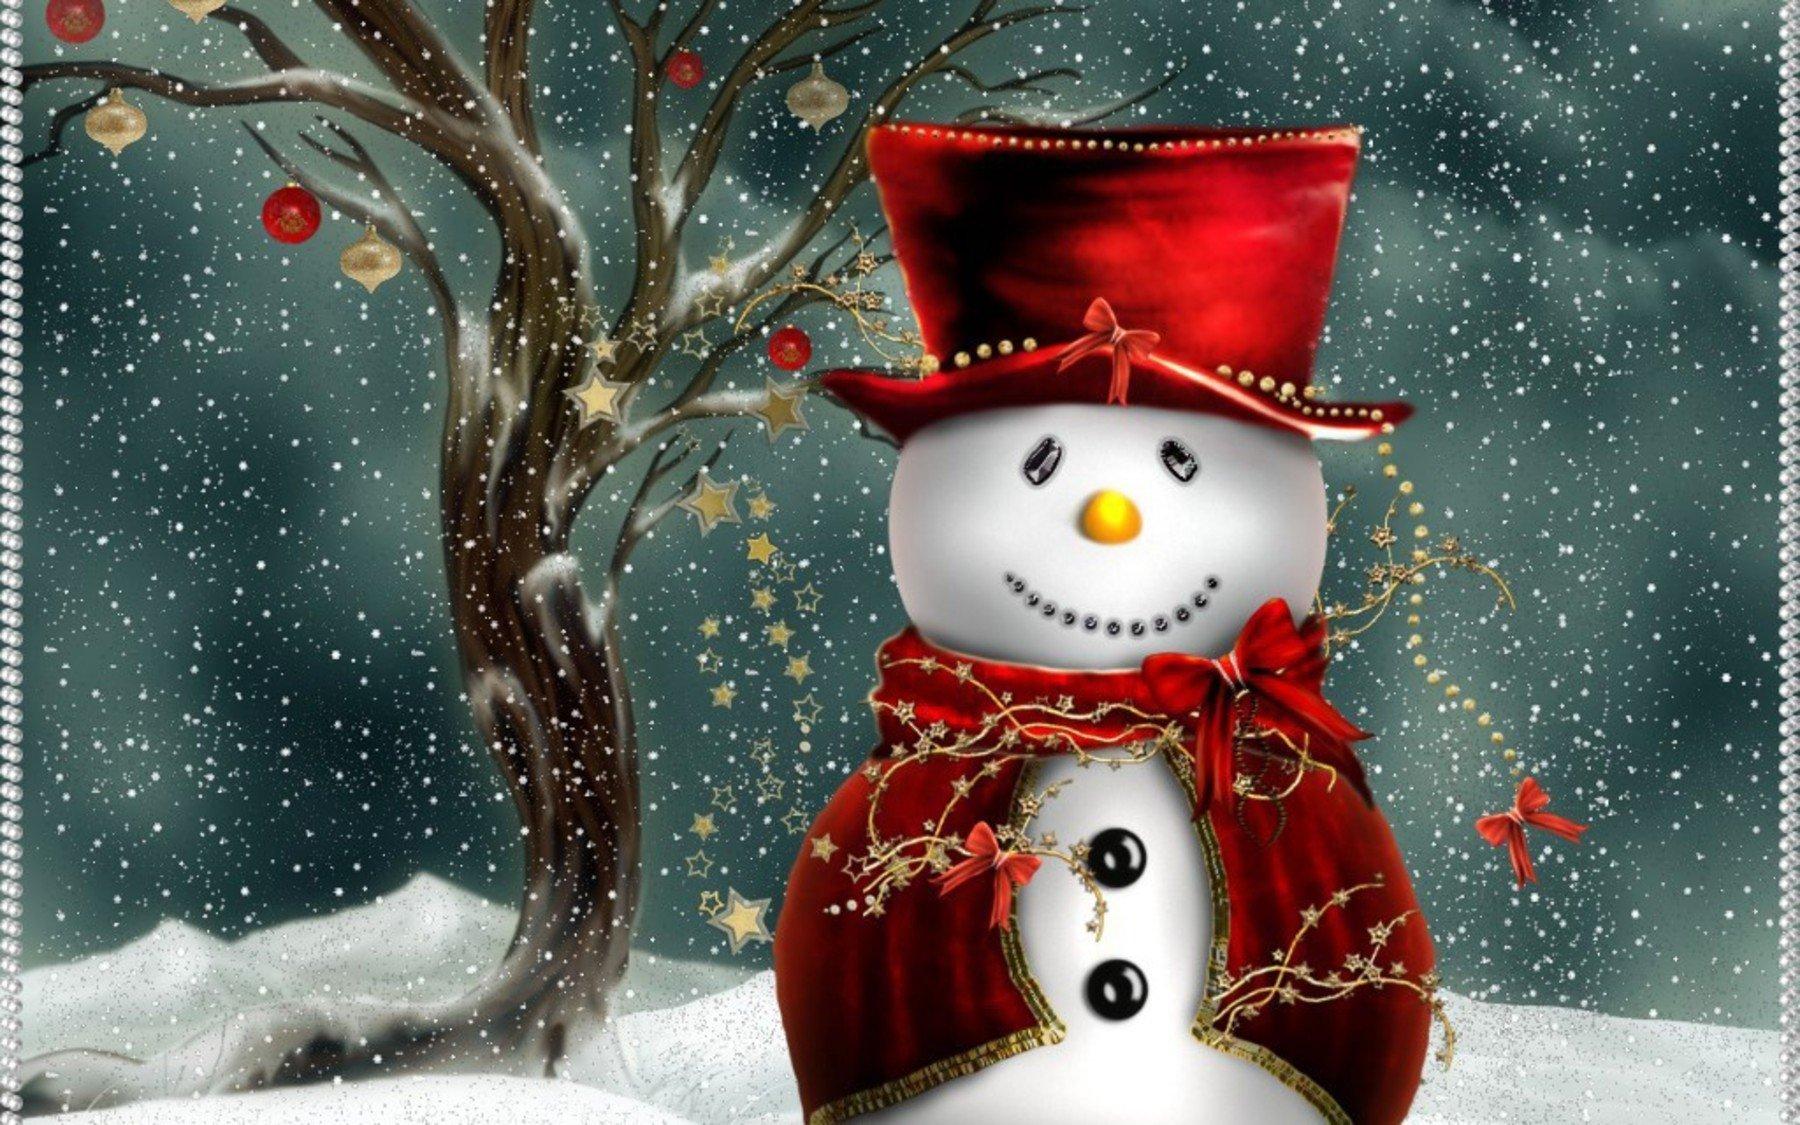 Snowman Desktop Wallpaper Picseriocom   Picseriocom 1800x1125